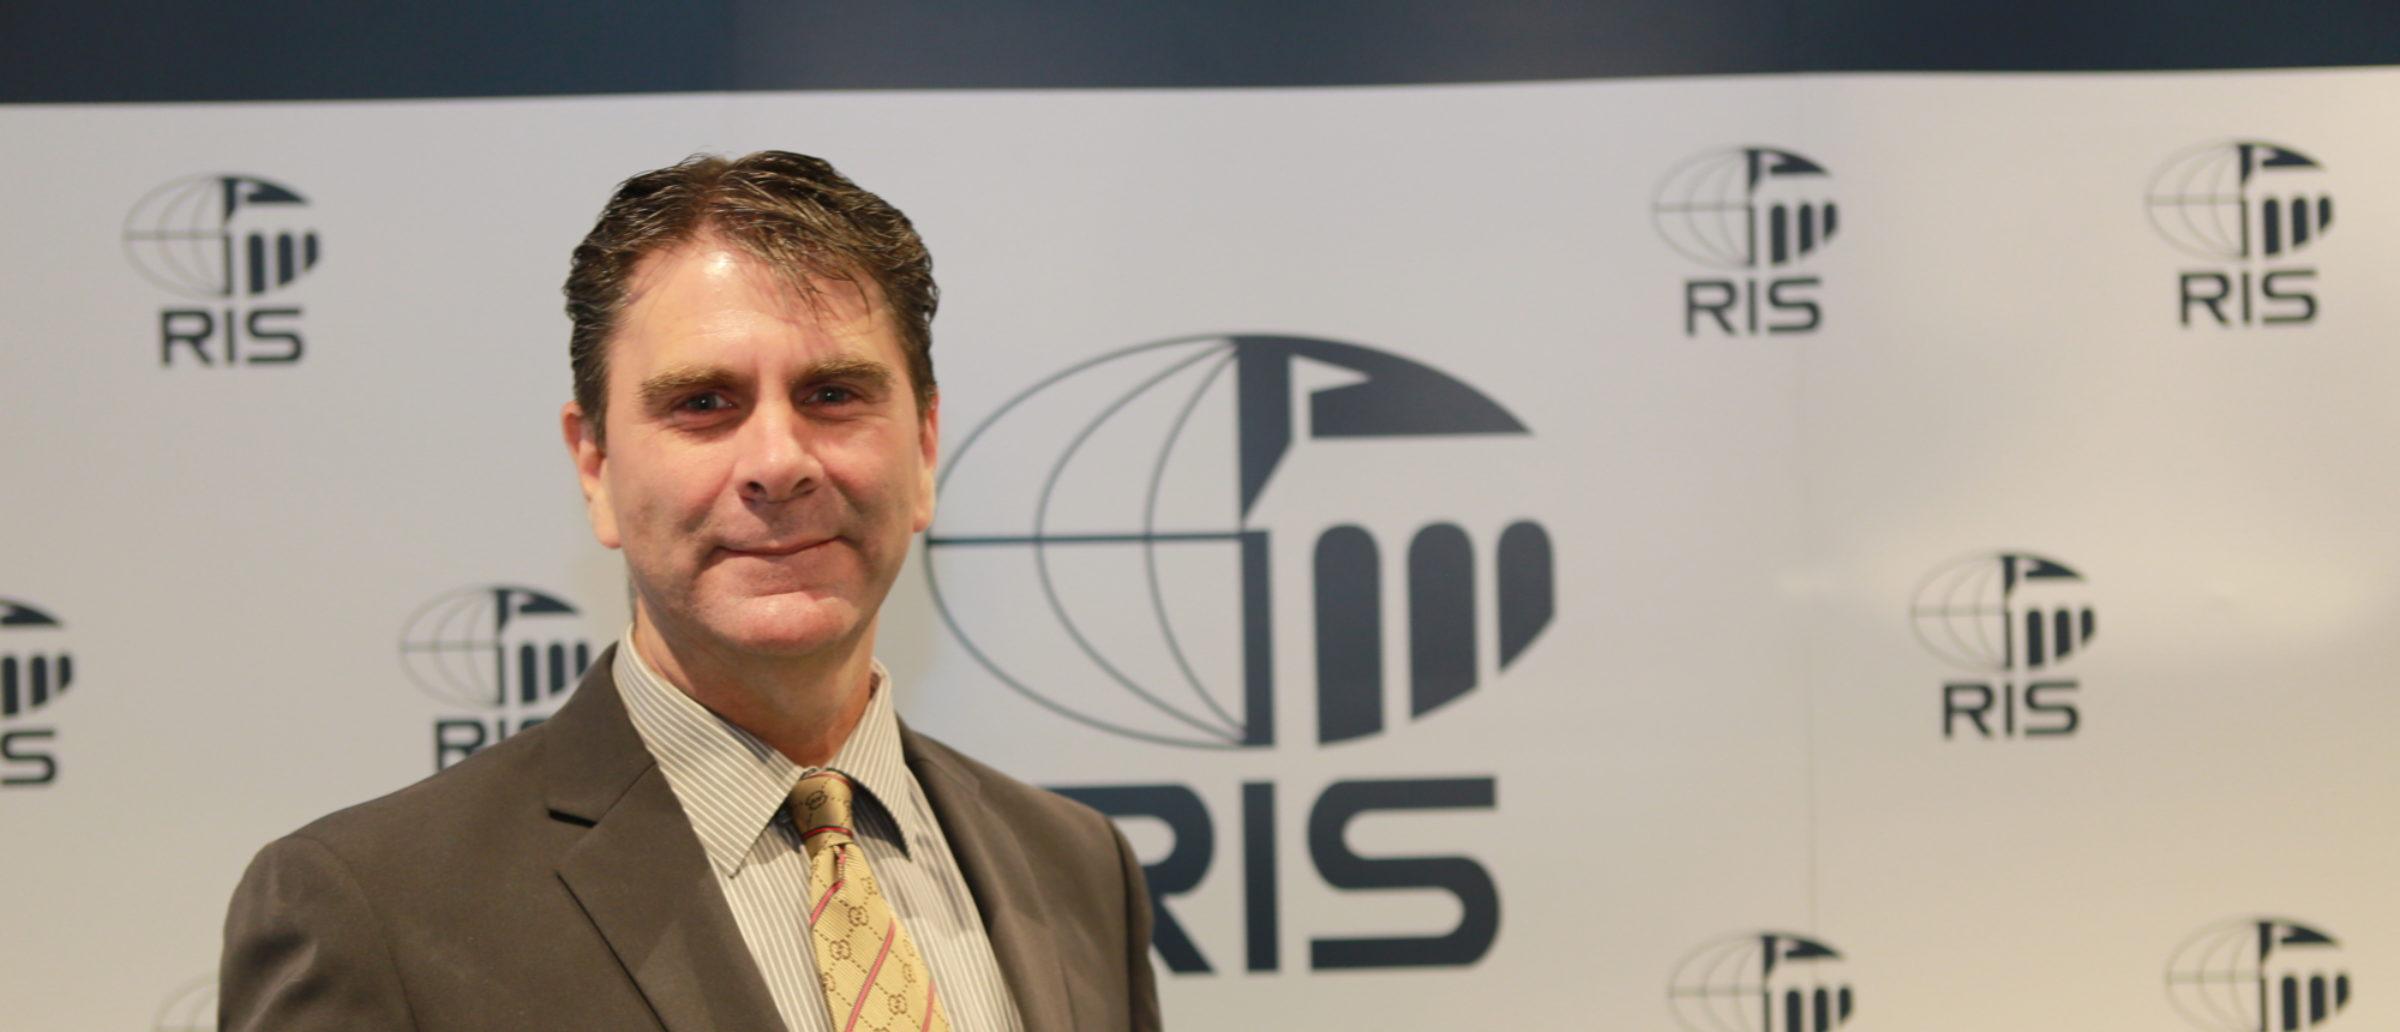 Introduction to RIS Ratchapruek's Founding Principal